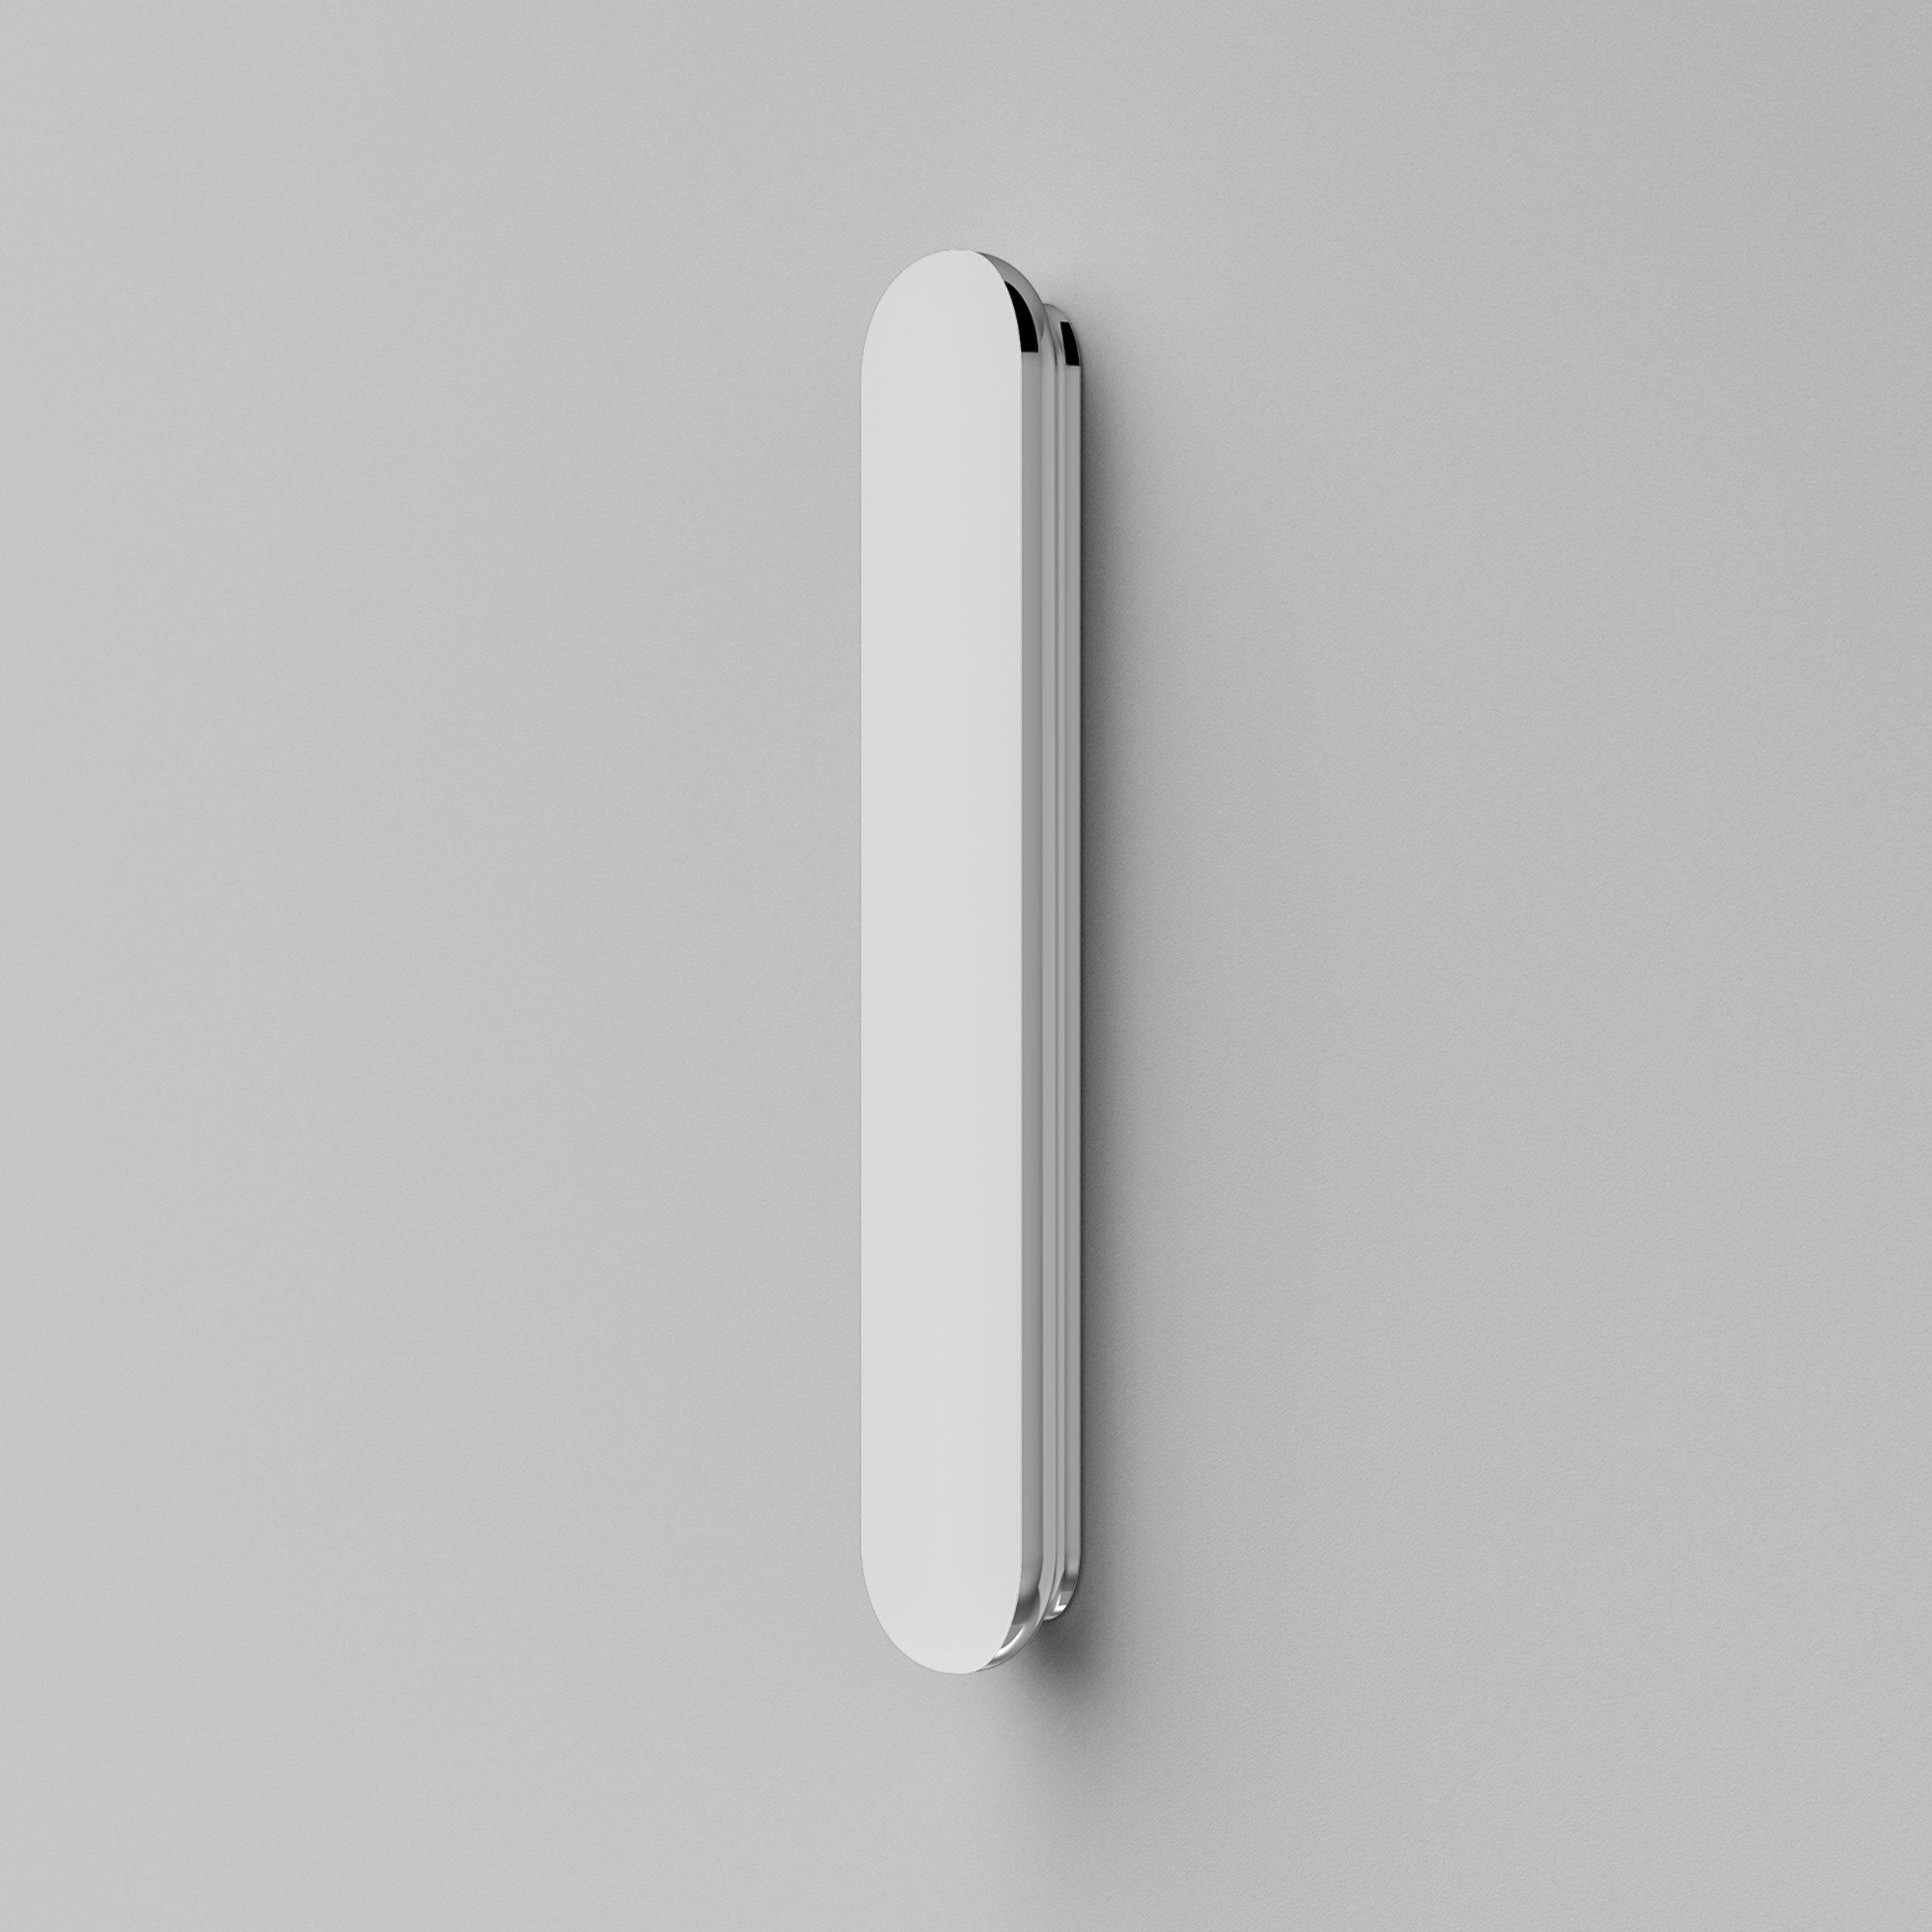 Настенный светодиодный светильник Astro Altea LED 1133006 (8015), IP44, LED 20,3W 3000K 858lm CRI80, хром, белый, металл, пластик - фото 2